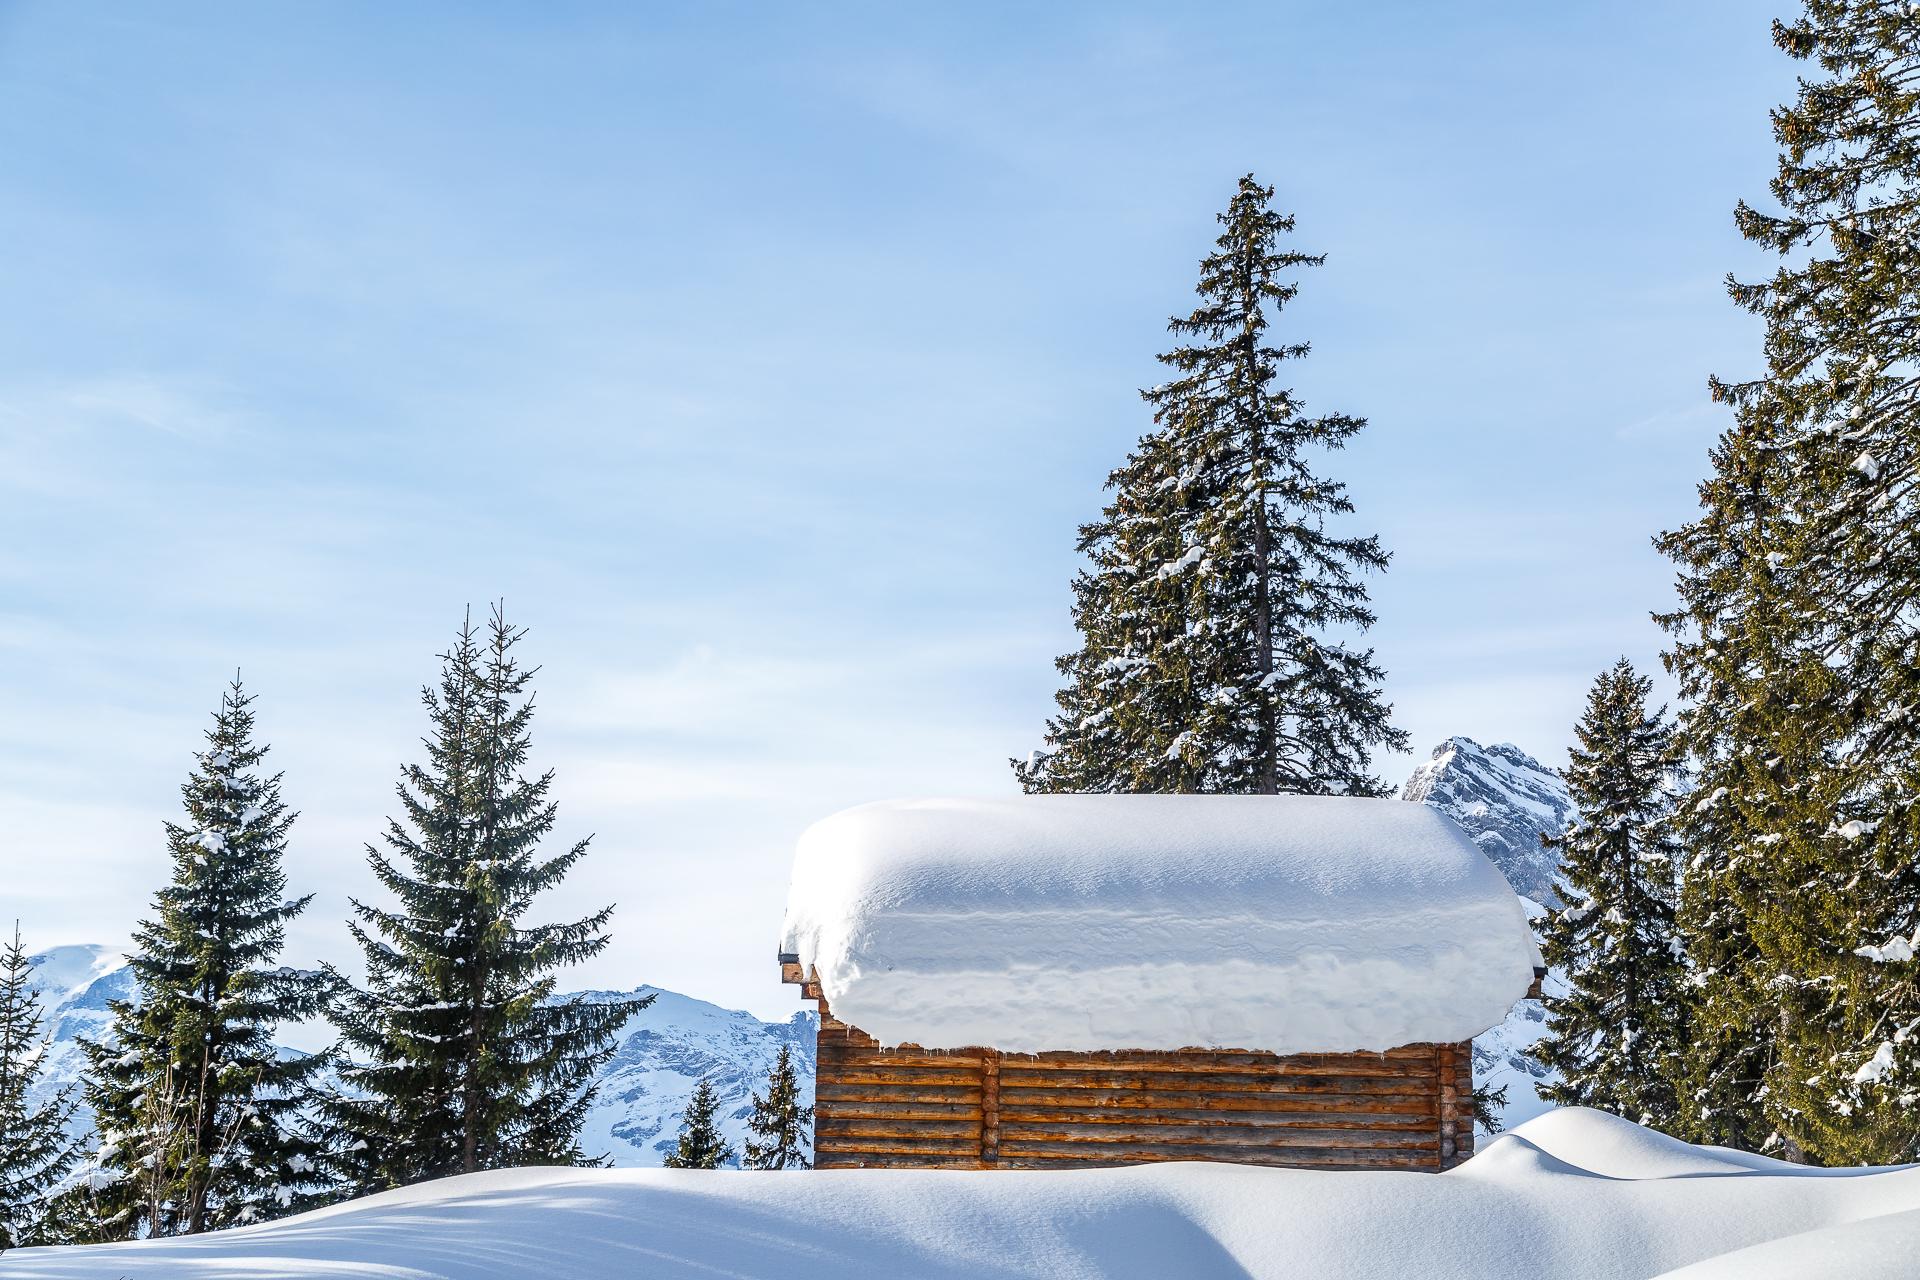 Winterwanderung-Braunwald-Huette